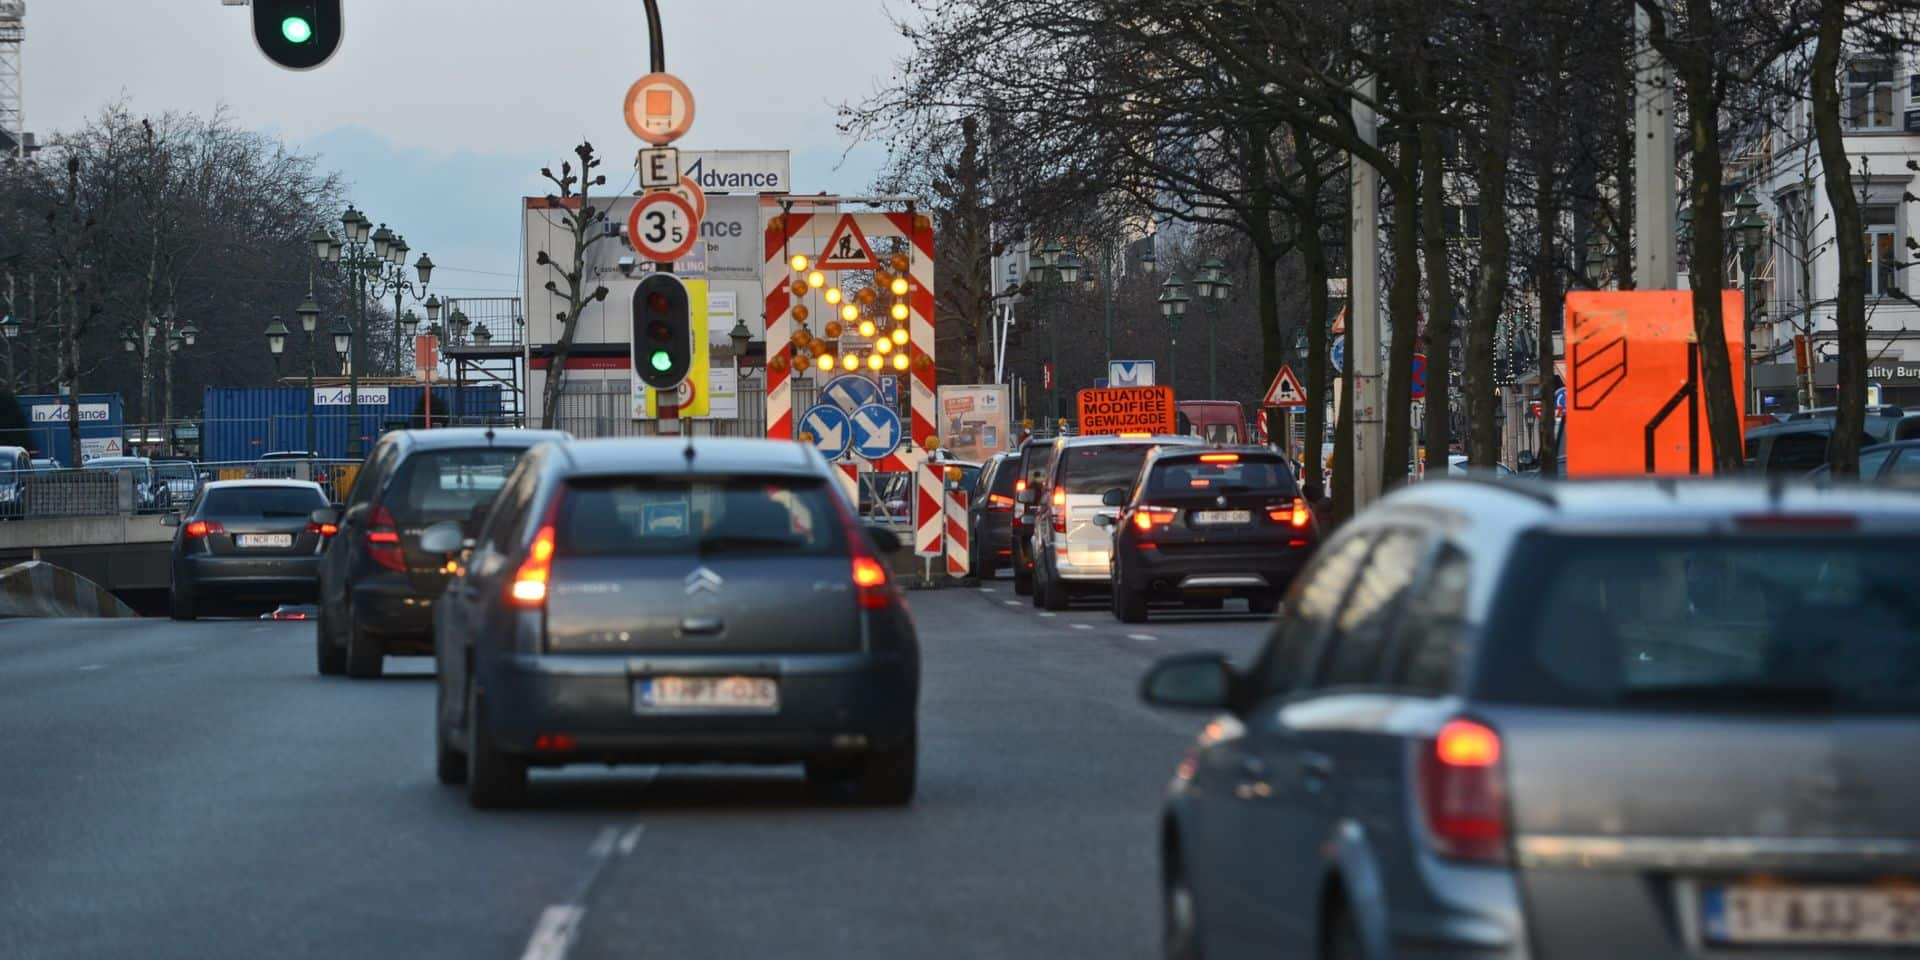 Le temps passé dans les bouchons a baissé en moyenne de 69% à Bruxelles